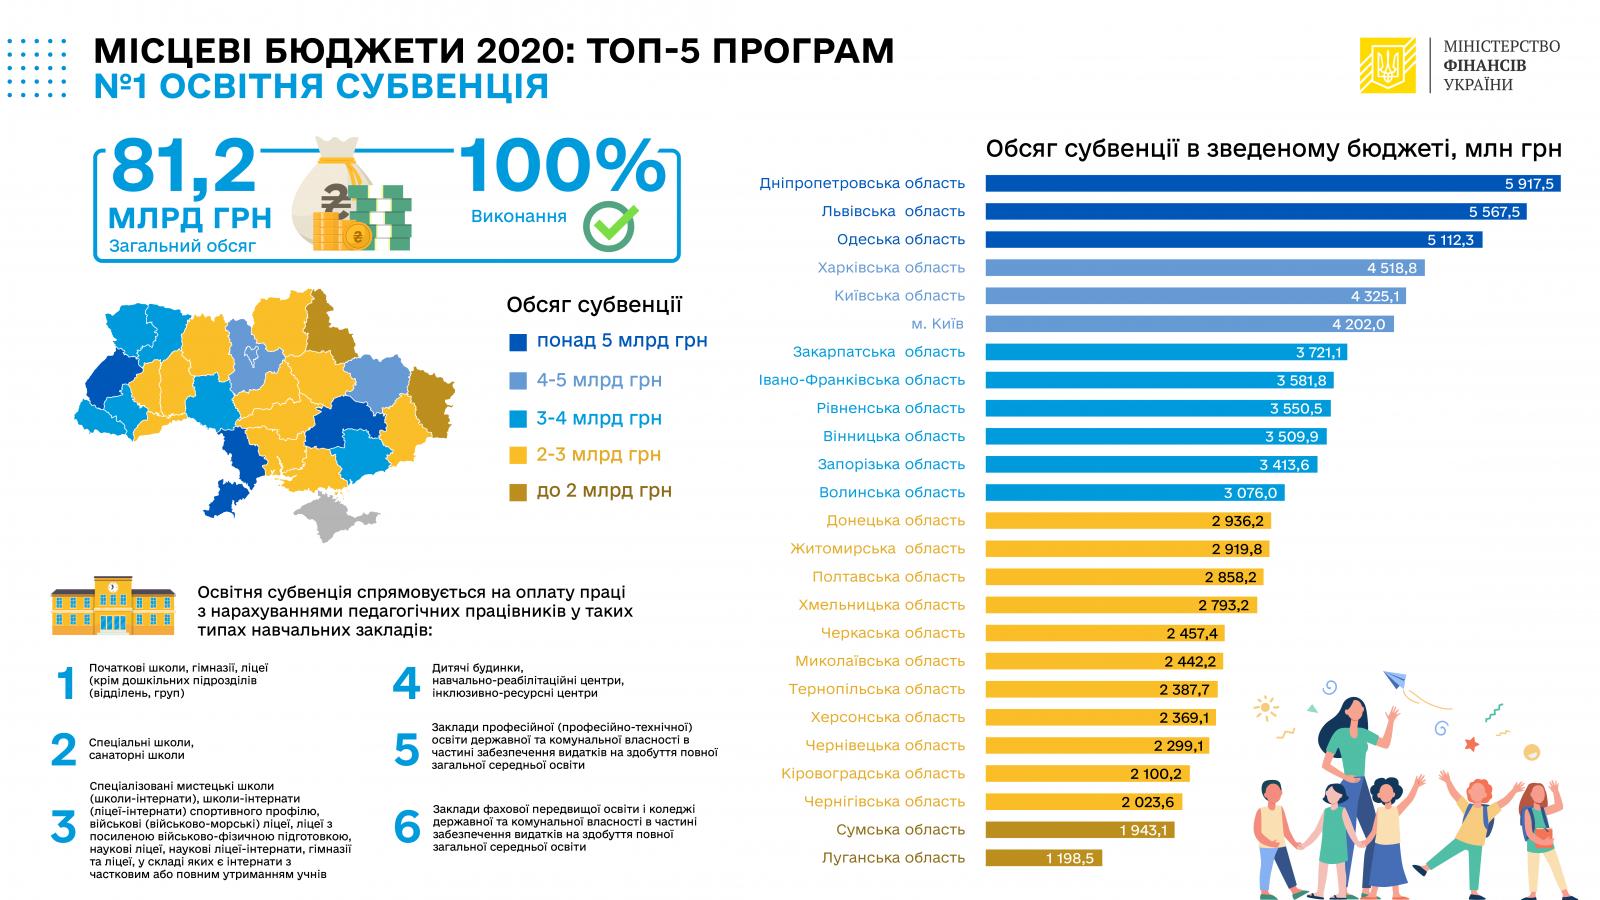 Мінфін: У 2020 році місцеві бюджети отрималипонад 130 млрд грн субвенцій